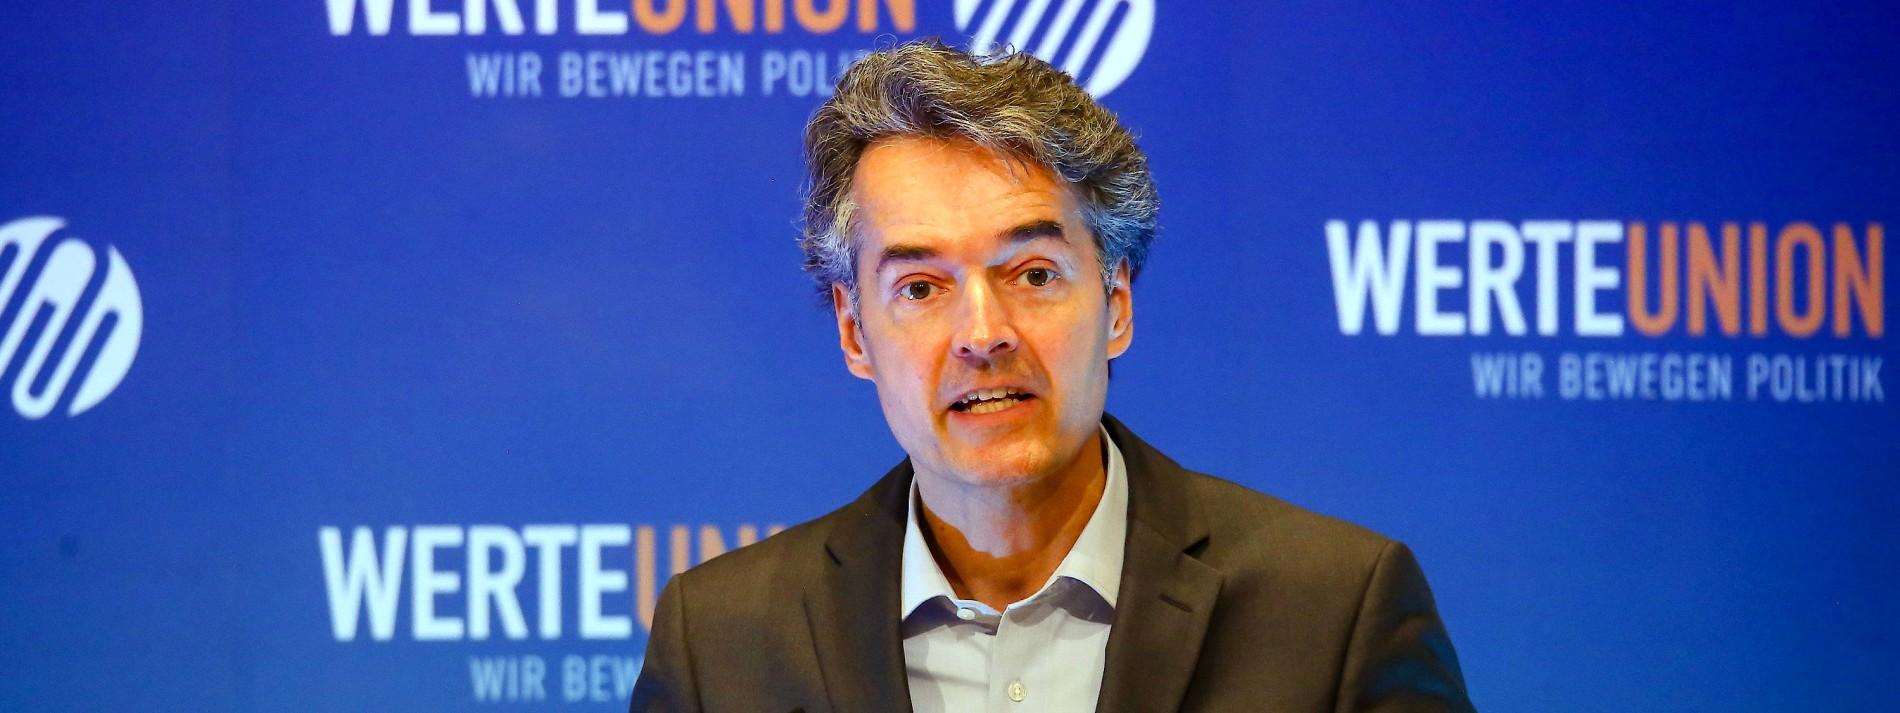 Werteunion verlangt Aufwertung in CDU